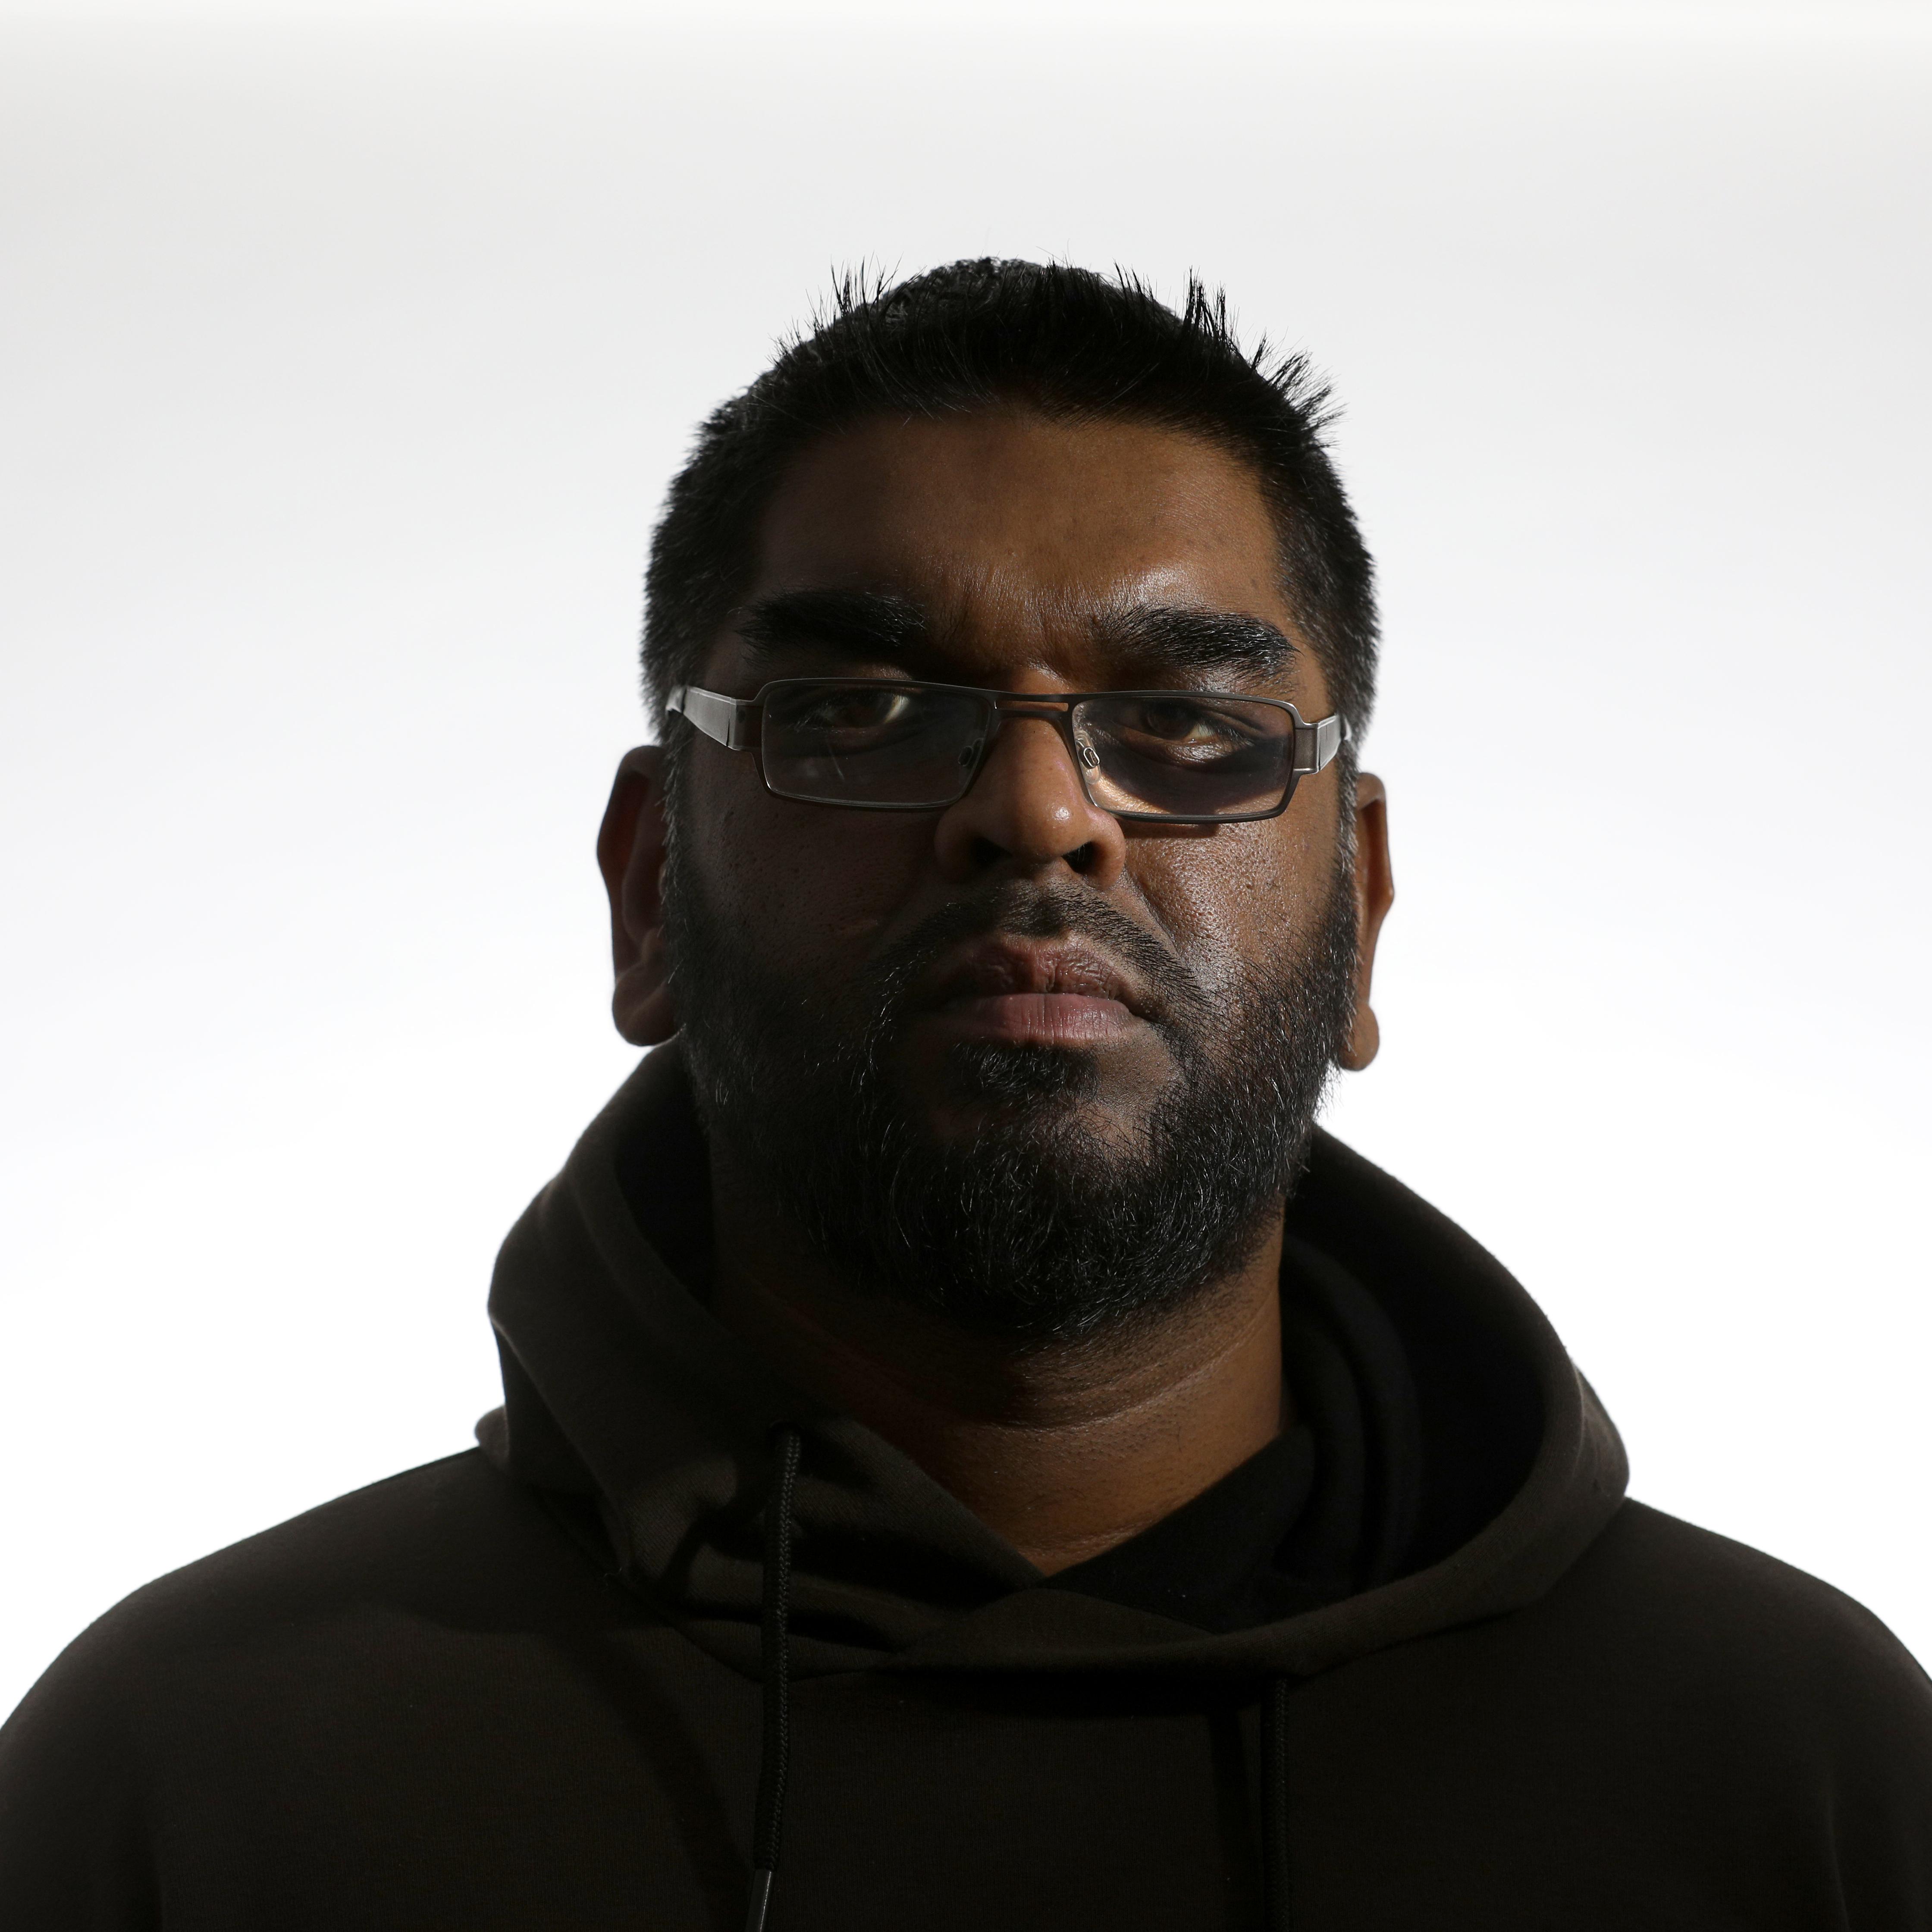 Mohammed Ali MBE